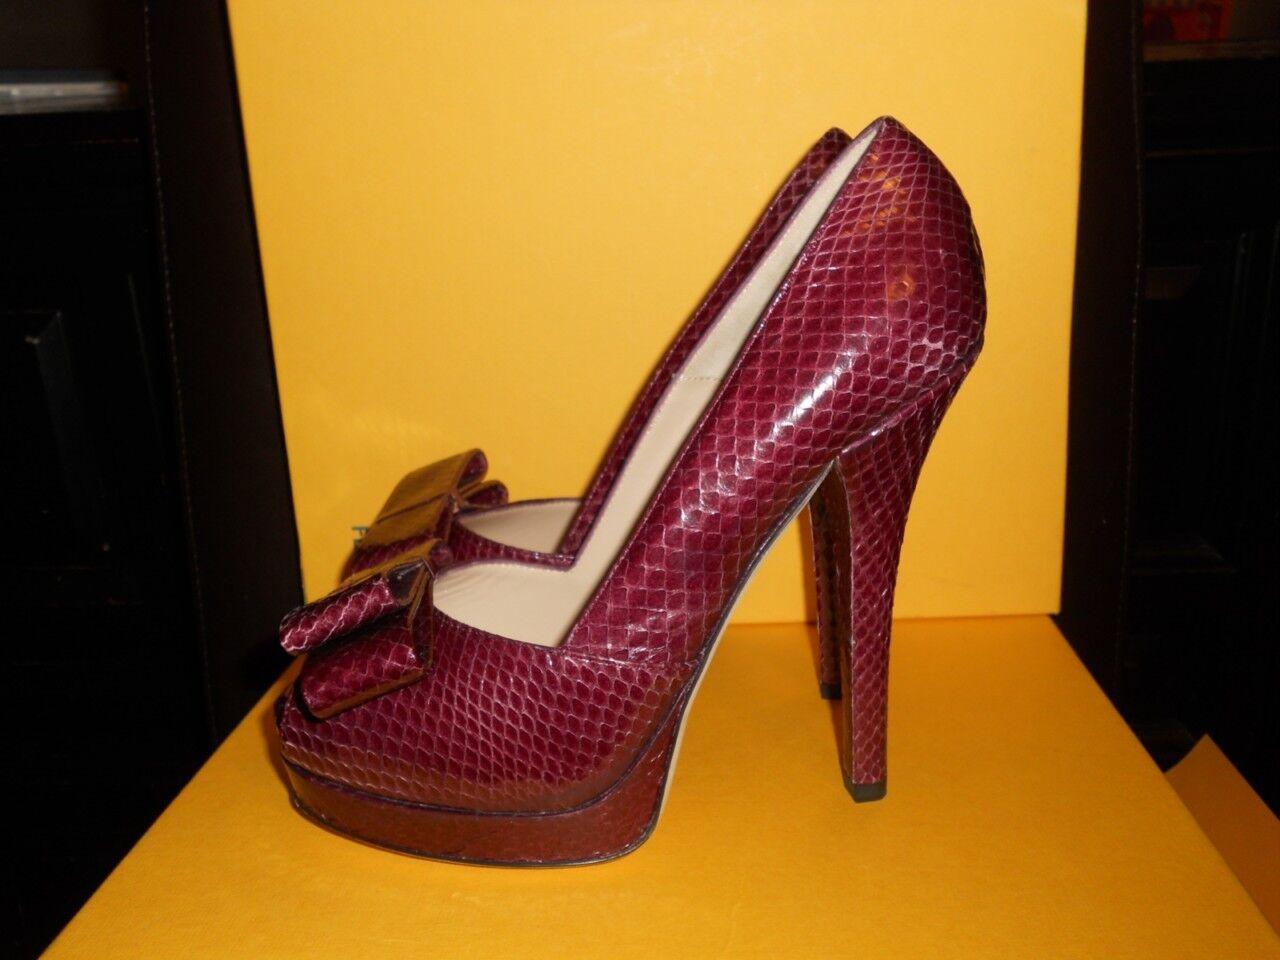 Fendi Piel De De De Serpiente Doble Plataforma Arco Belle Peep Toe Zapatos de salón Burdeos 38.5 UE  compras de moda online